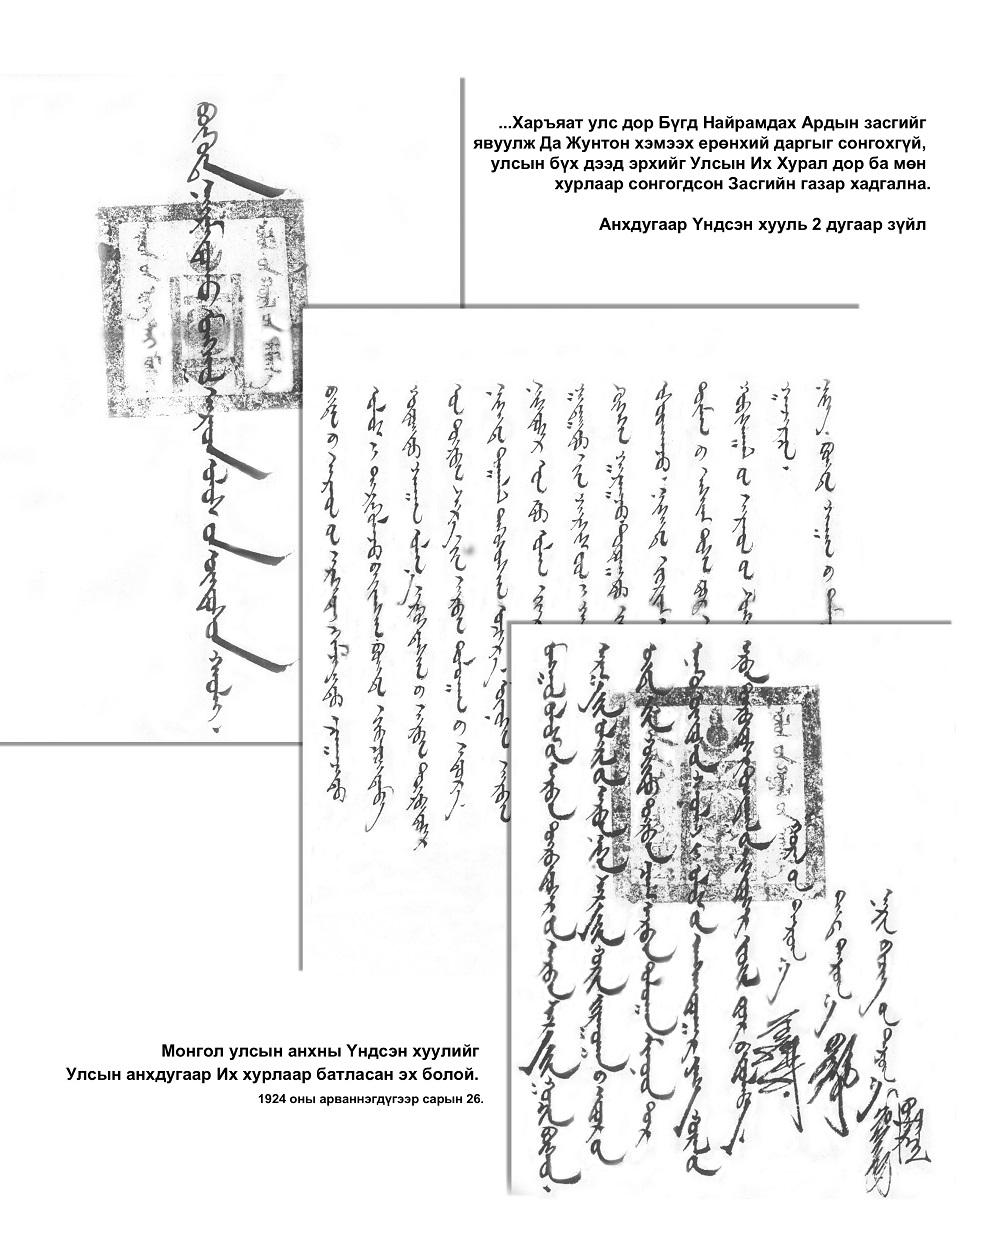 Анхны Үндсэн хуулиа баталж, Бүгд Найрамдах улсаа тунхагласан түүхт өдөр